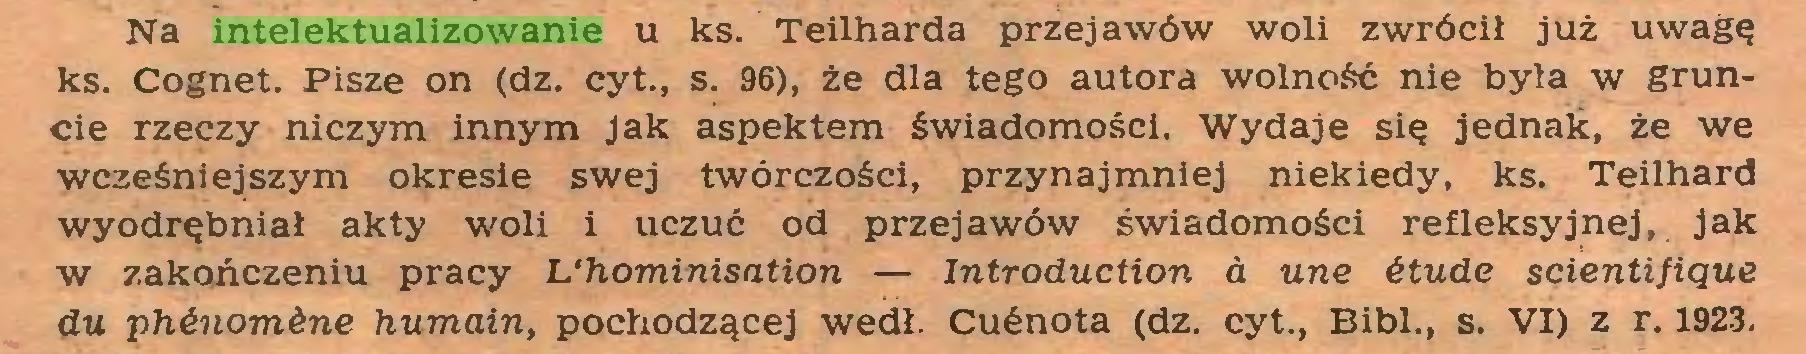 (...) Na intelektualizowanie u ks. Teilharda przejawów woli zwrócił już uwagę ks. Cognet. Pisze on (dz. cyt., s. 96), że dla tego autora wolność nie była w gruncie rzeczy niczym innym Jak aspektem świadomości. Wydaje się jednak, że we wcześniejszym okresie swej twórczości, przynajmniej niekiedy, ks. Teilhard wyodrębniał akty woli i uczuć od przejawów świadomości refleksyjnej, jak w zakończeniu pracy b'hominisation — Introduction a une itude sęientifiąue du phinomine humain, pochodzącej wedł. Cućnota (dz. cyt., Bibl., s. VI) z r. 1923...